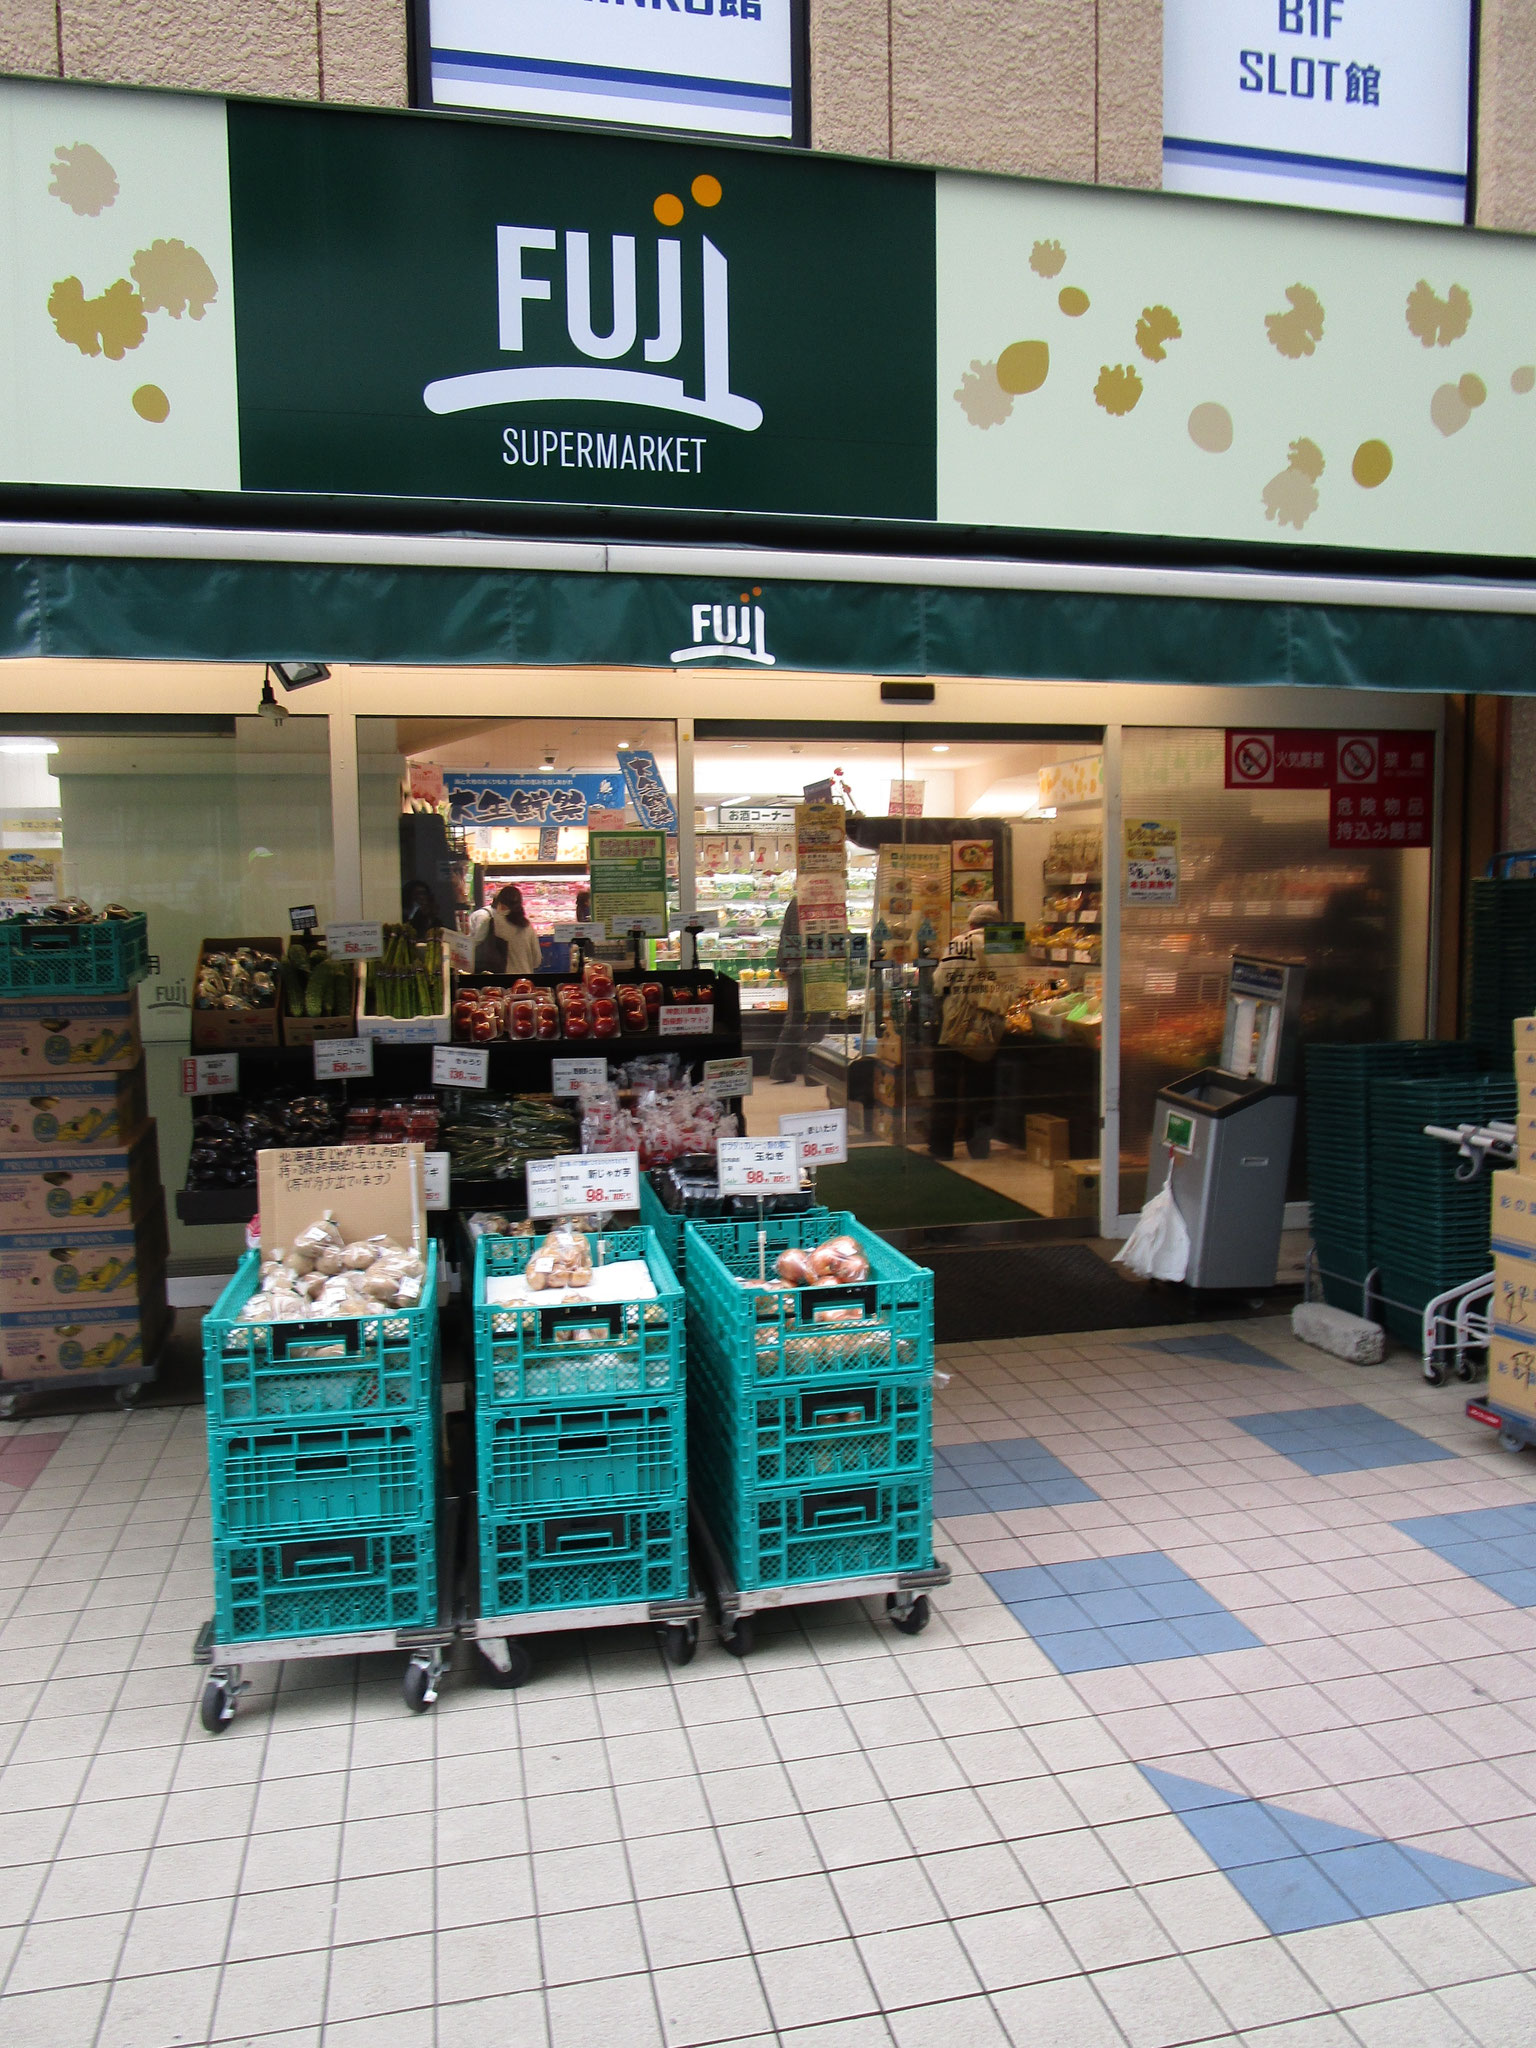 駅ビルの向かいにあるスーパーマーケット。深夜1時まで営業です